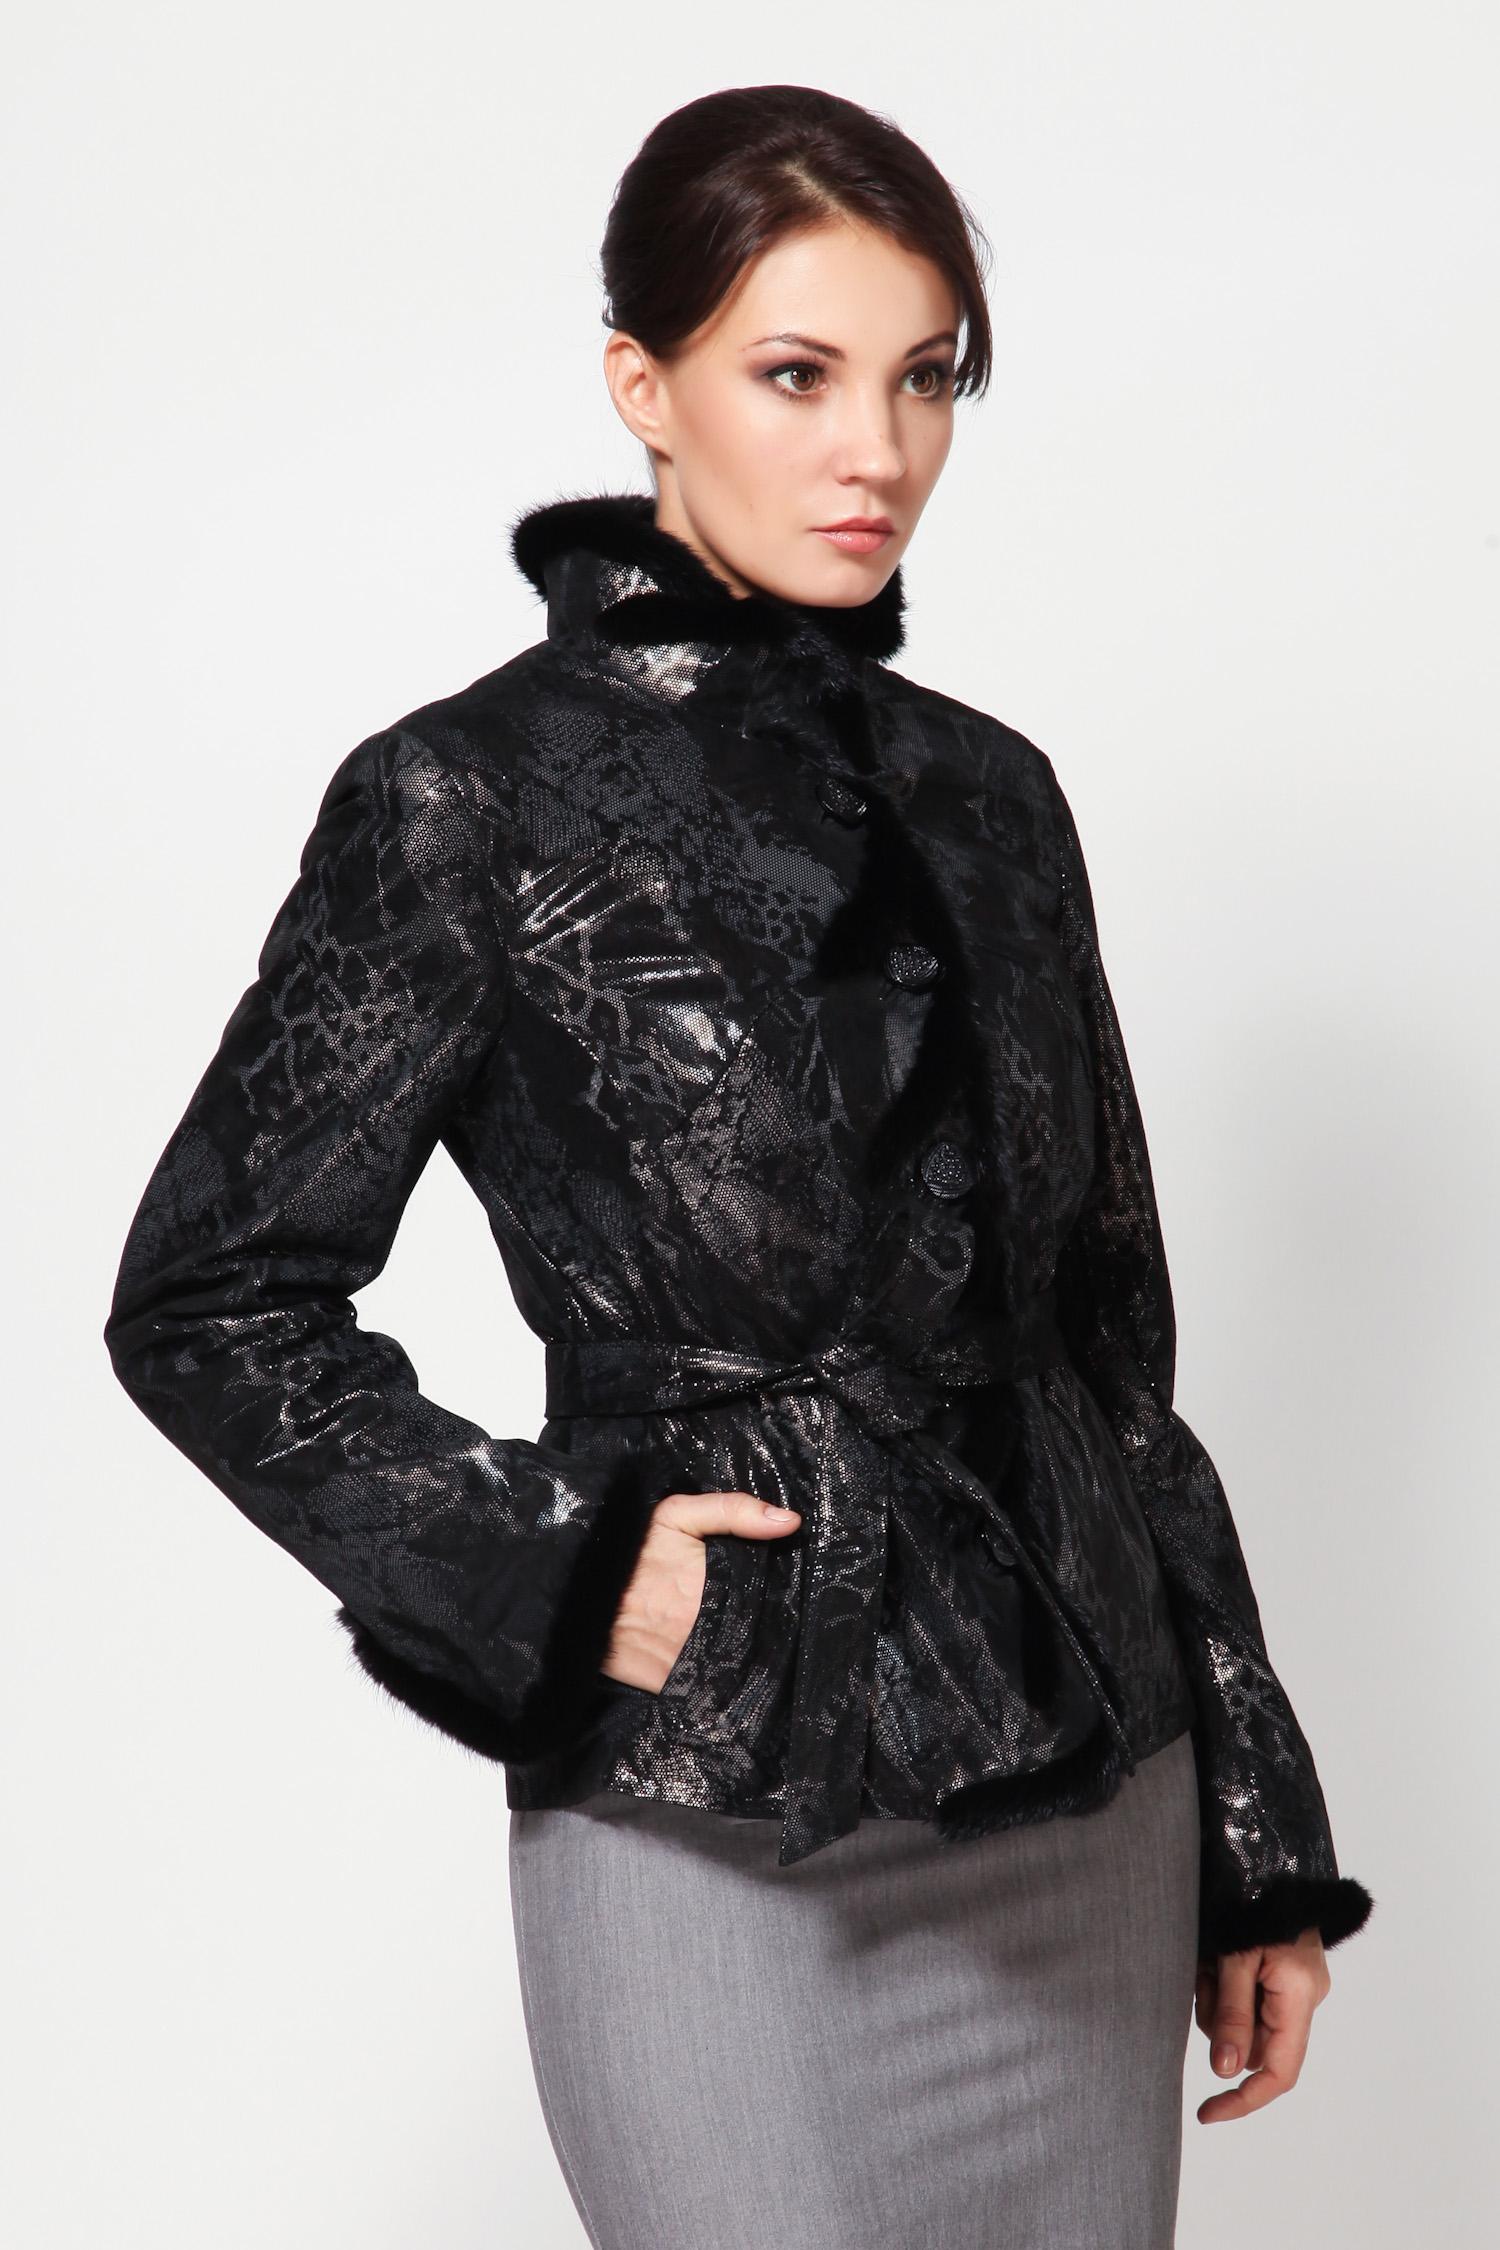 Женская кожаная куртка из натуральной замши (с накатом) с воротником, отделка норка<br><br>Воротник: Стойка<br>Длина см: 65<br>Материал: Замша с накатом<br>Цвет: Черный/серый<br>Вид застежки: Норка<br>Пол: Женский